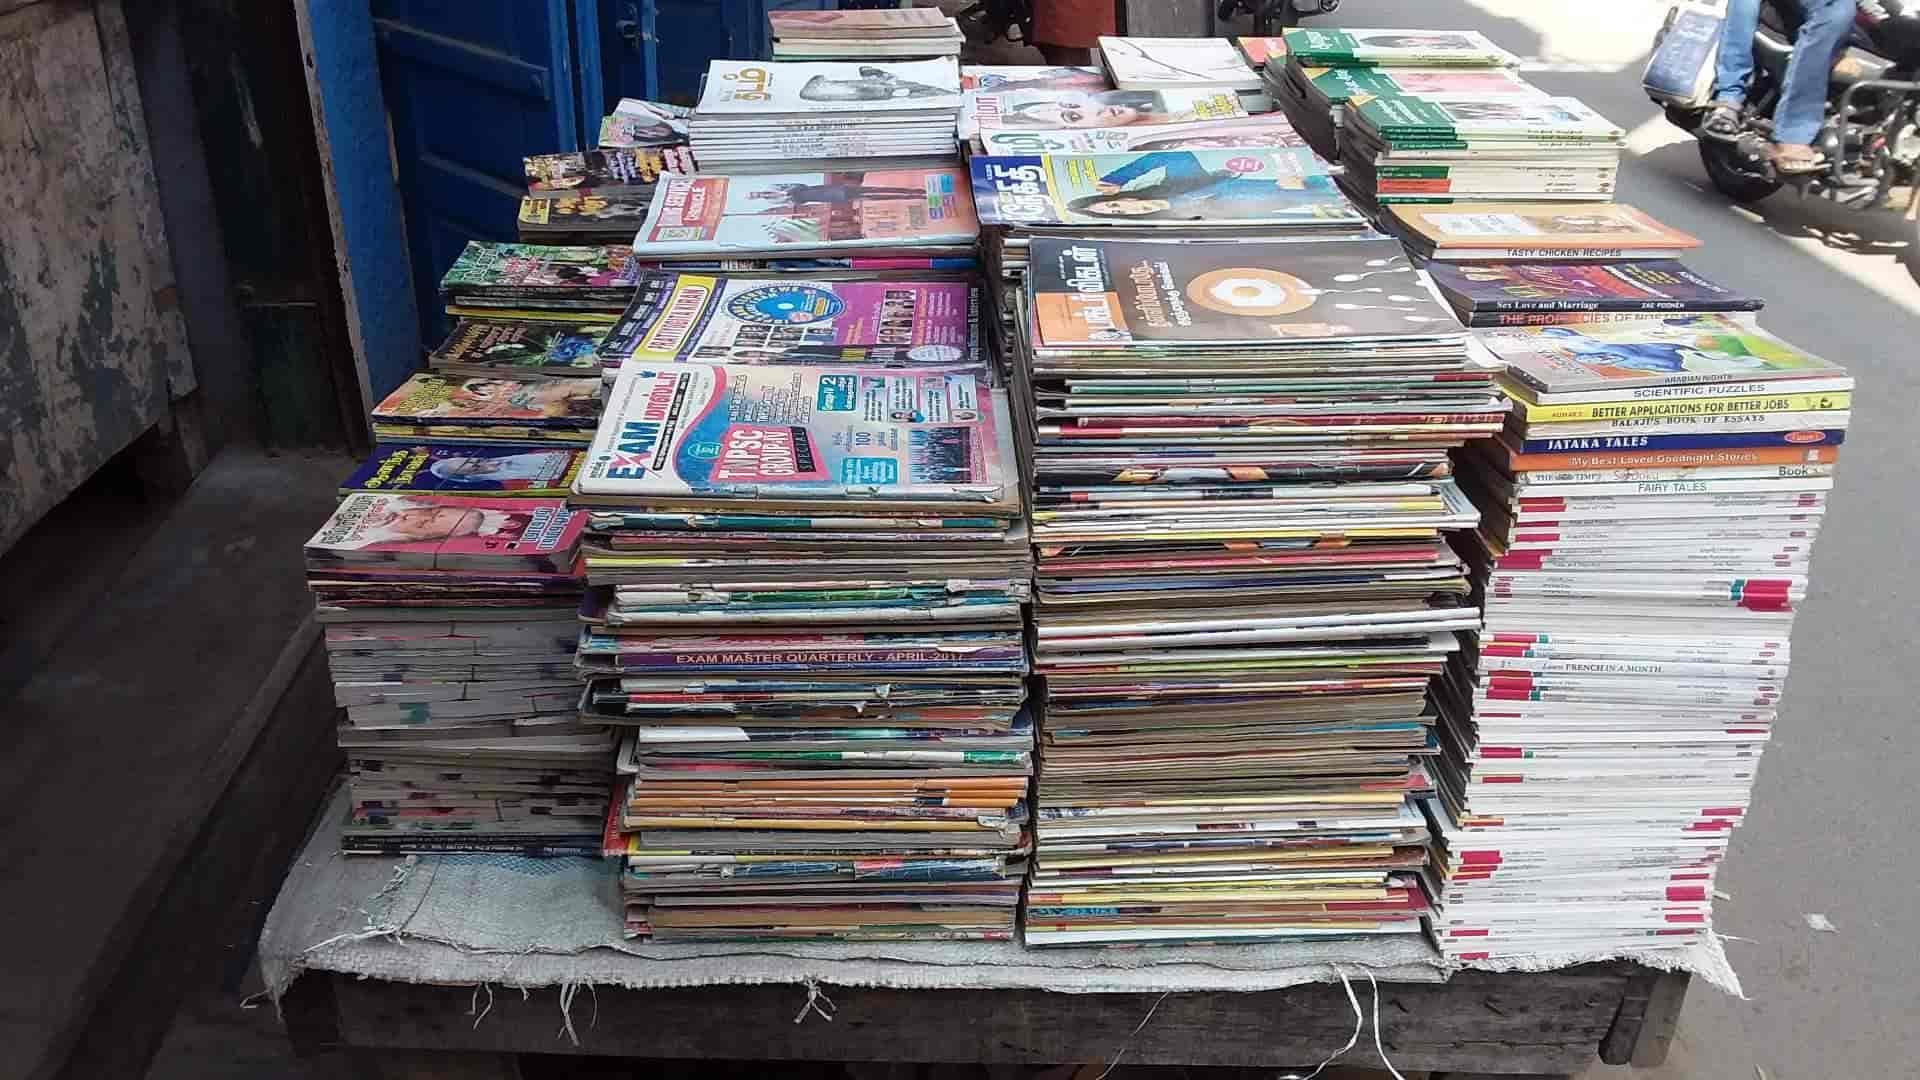 Elangovan Old Book Stall, Tirunelveli Junction - Book Shops in